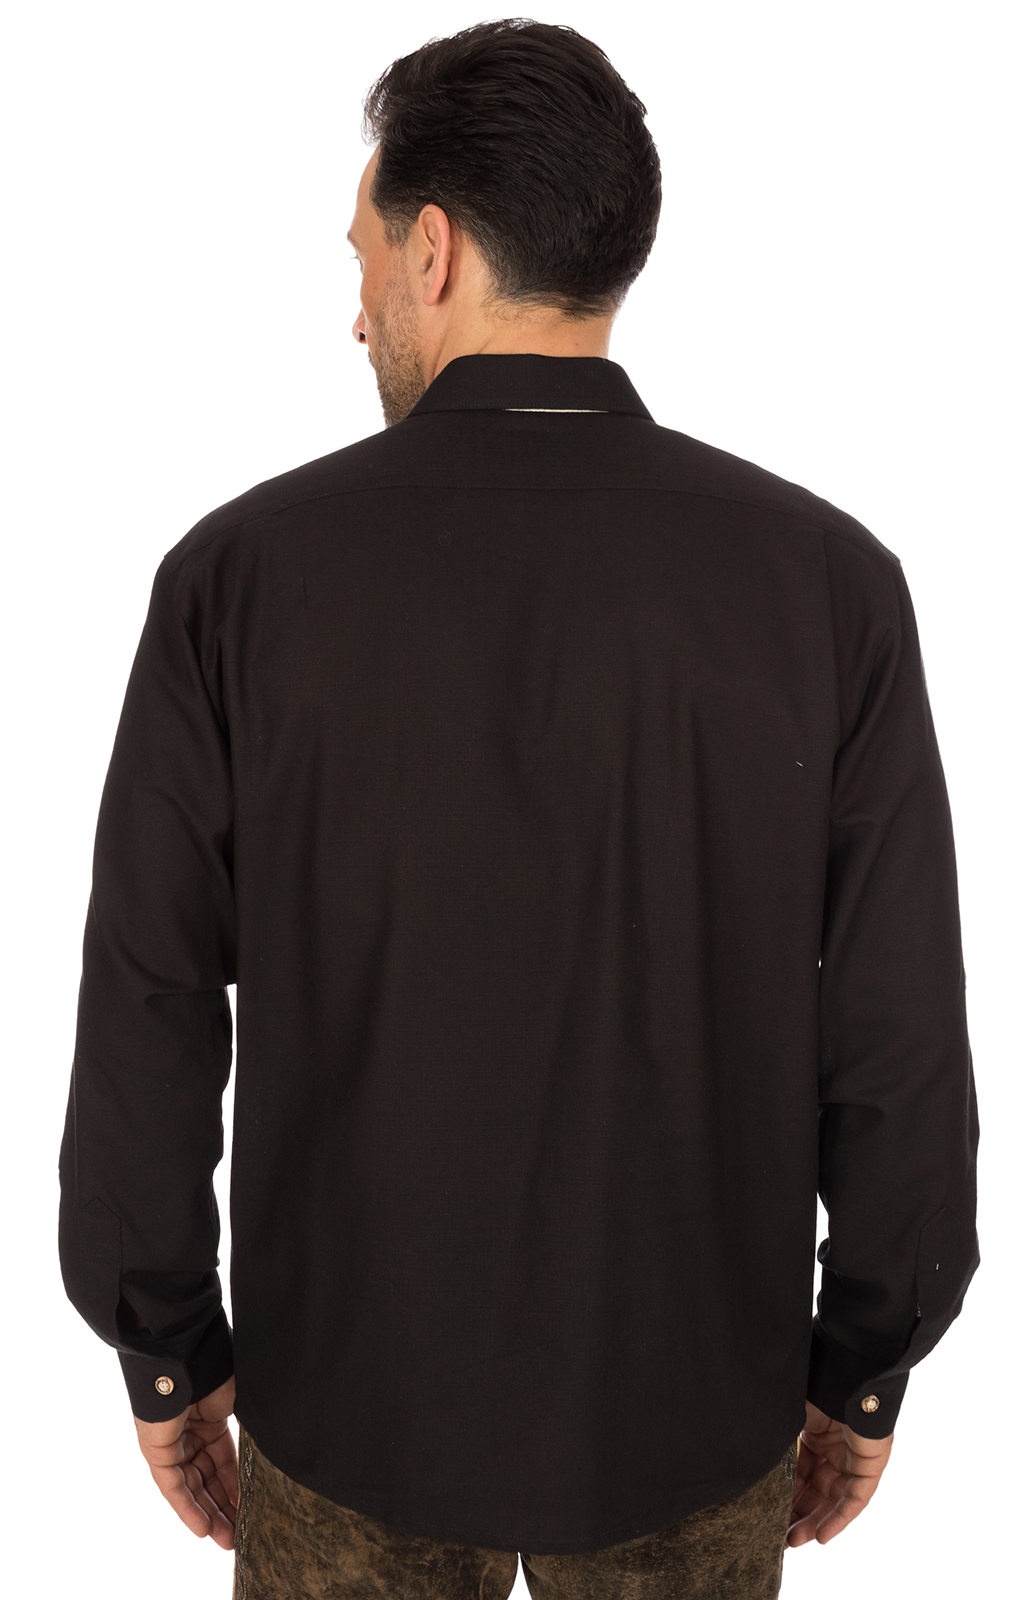 weitere Bilder von Trachtenhemd EDGAR schwarz